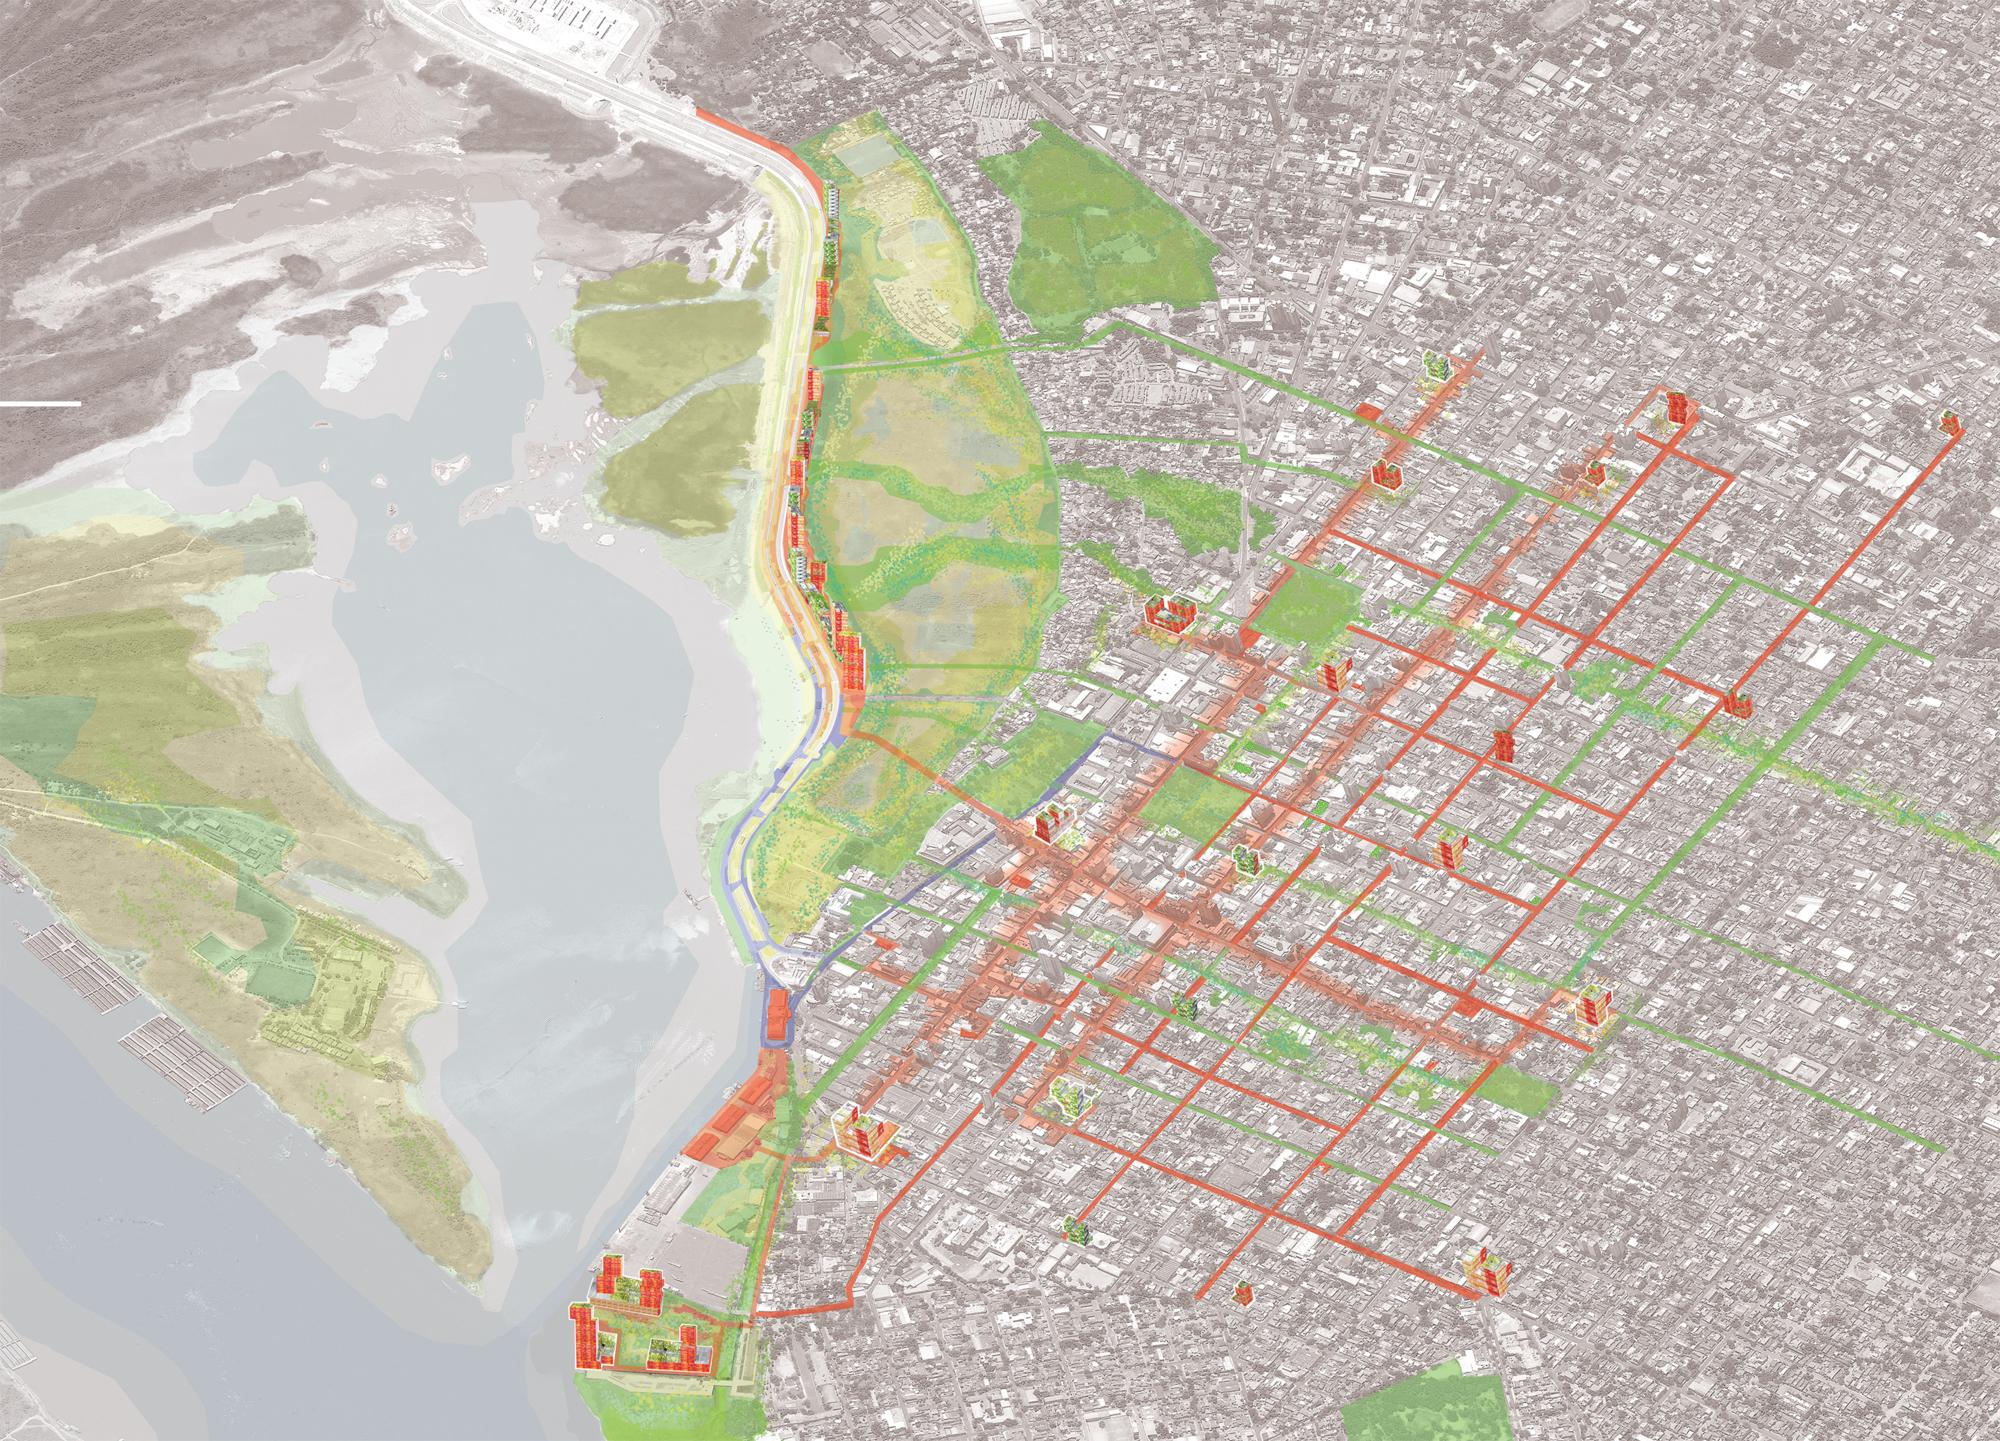 Asunción 2037: vista general de la propuesta, mostrando la distribución de los corredores dinámicos, ecológicos y cívicos, así como los edificios catalizadores.. Image © Ecosistema Urbano